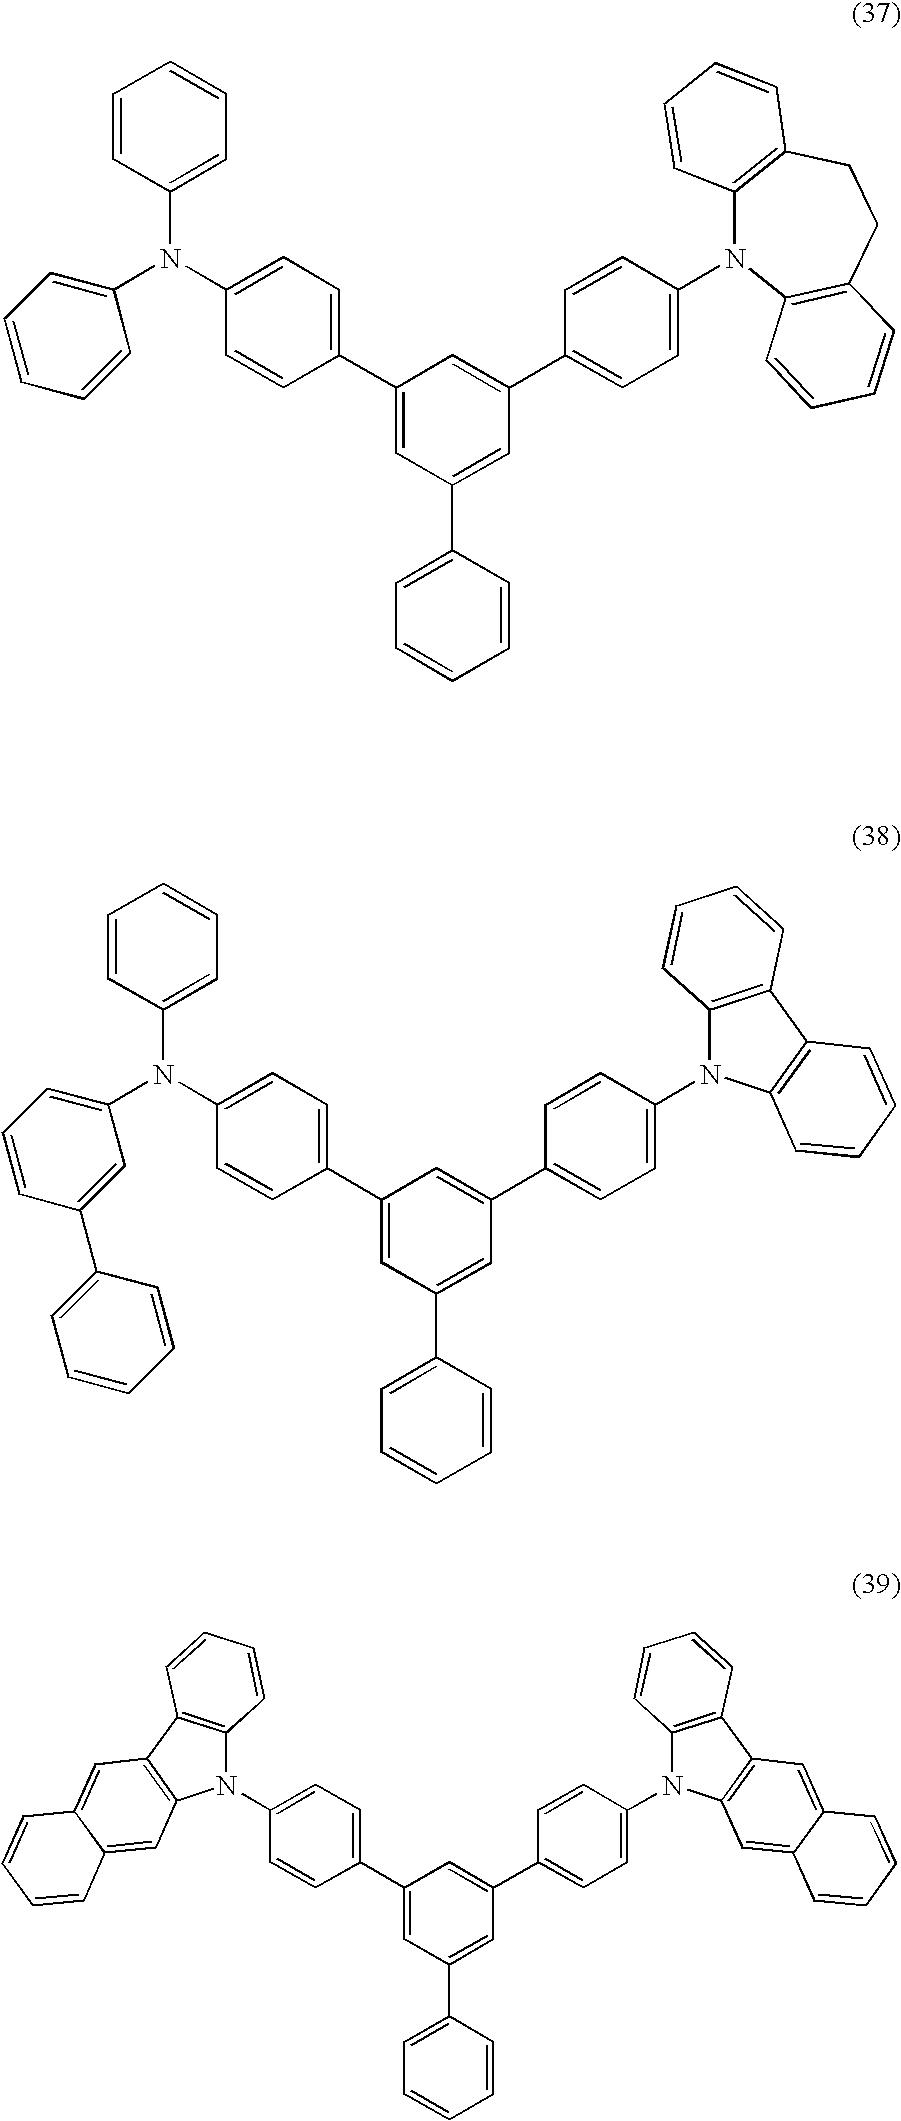 Figure US07226546-20070605-C00015